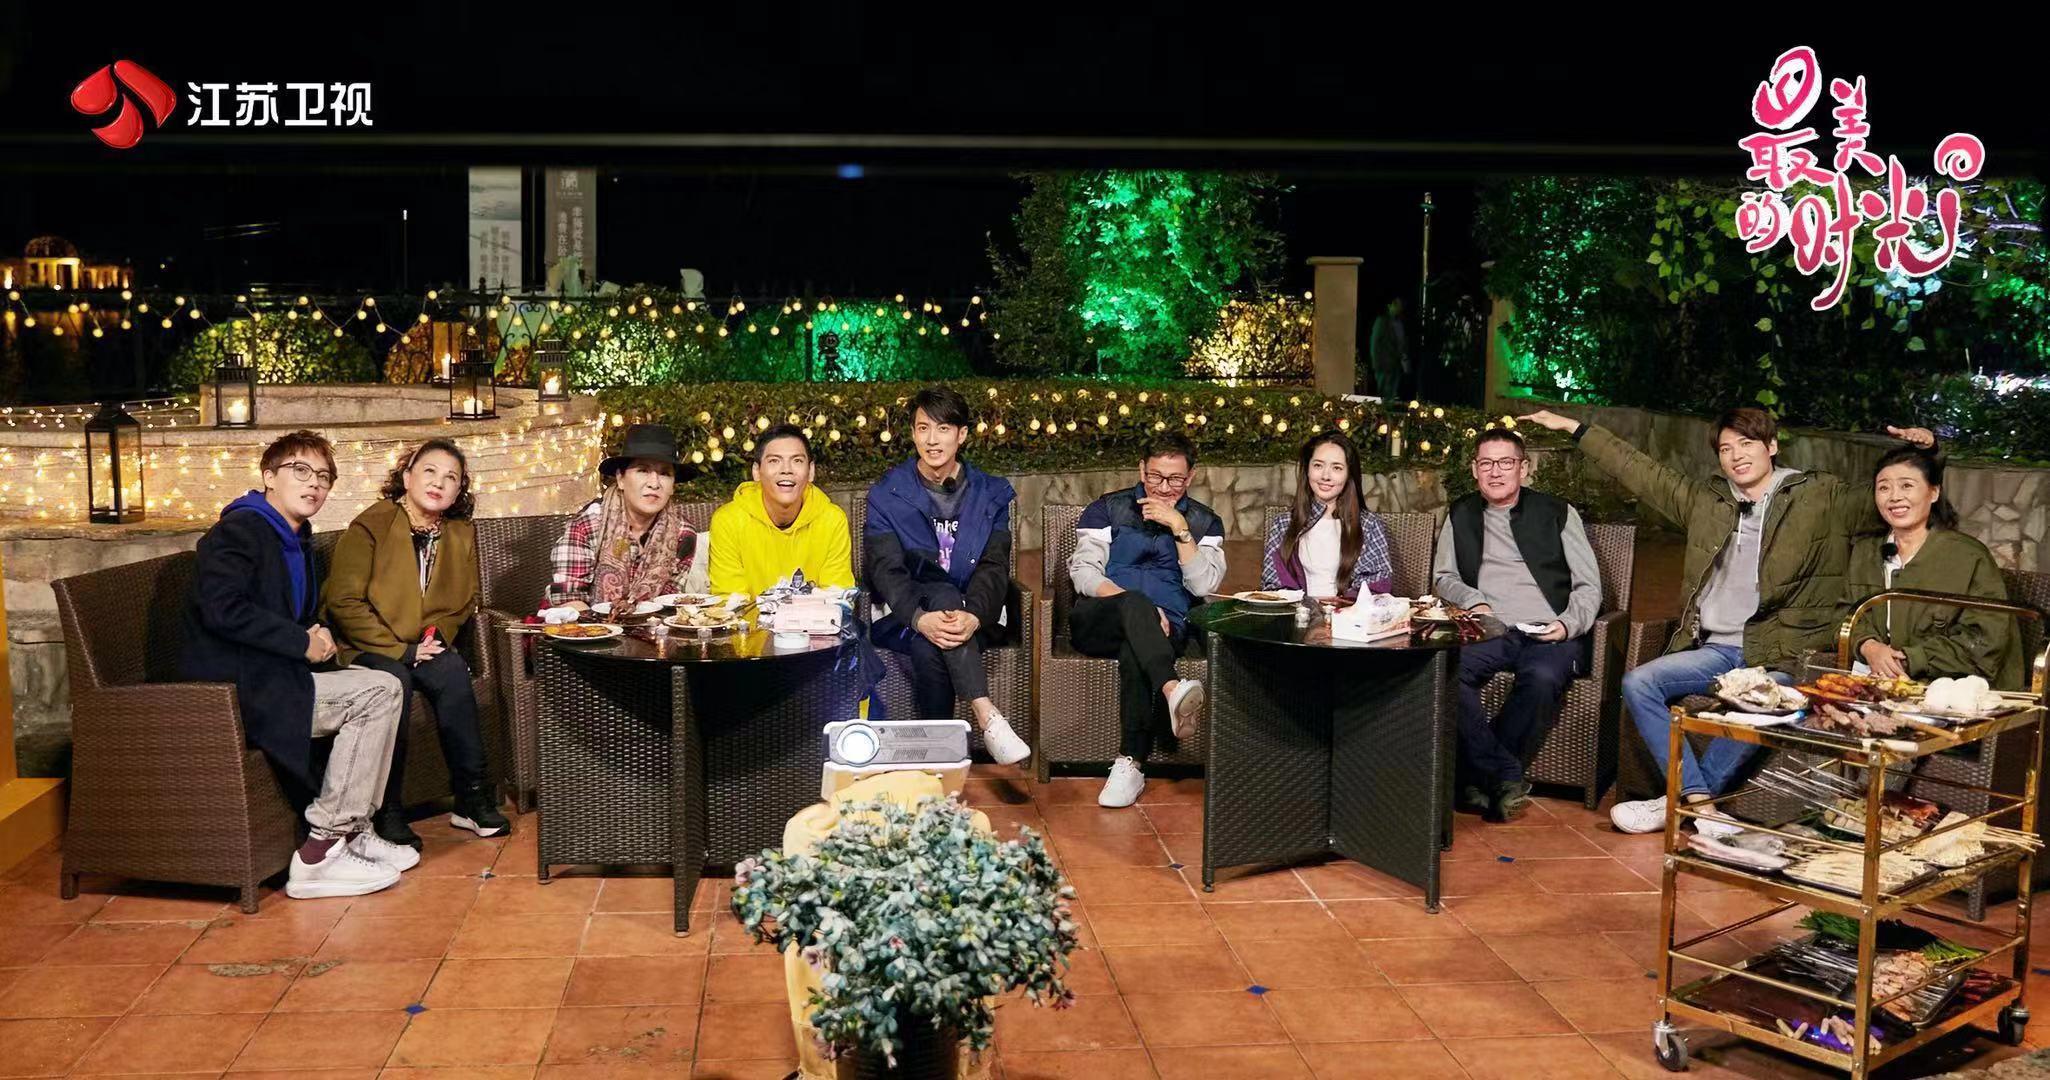 《最美的时光》正式录制:五组明星家庭入住时光美墅